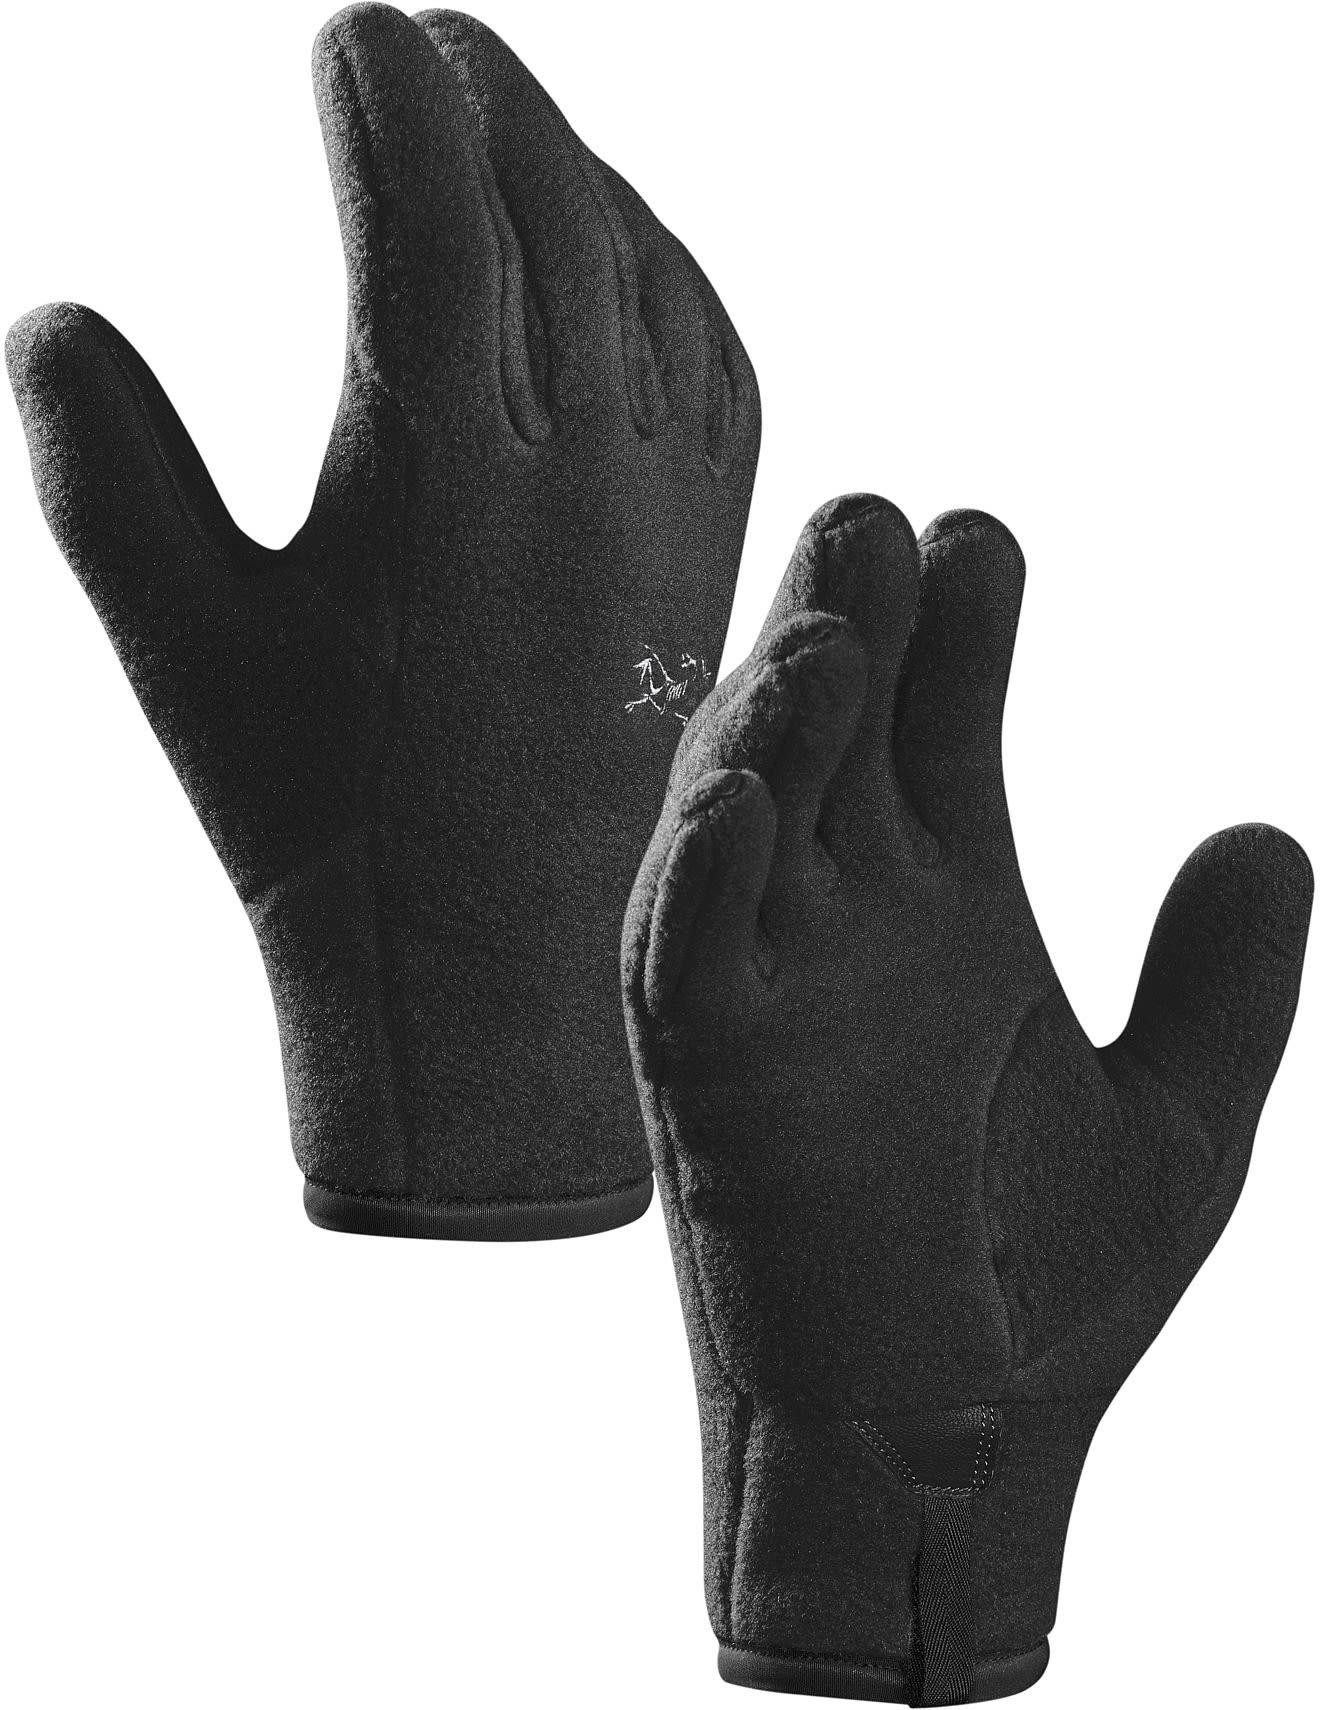 Arc'teryx Delta Gloves ac6del06bk18zz-arcteryx-snowboard-gloves